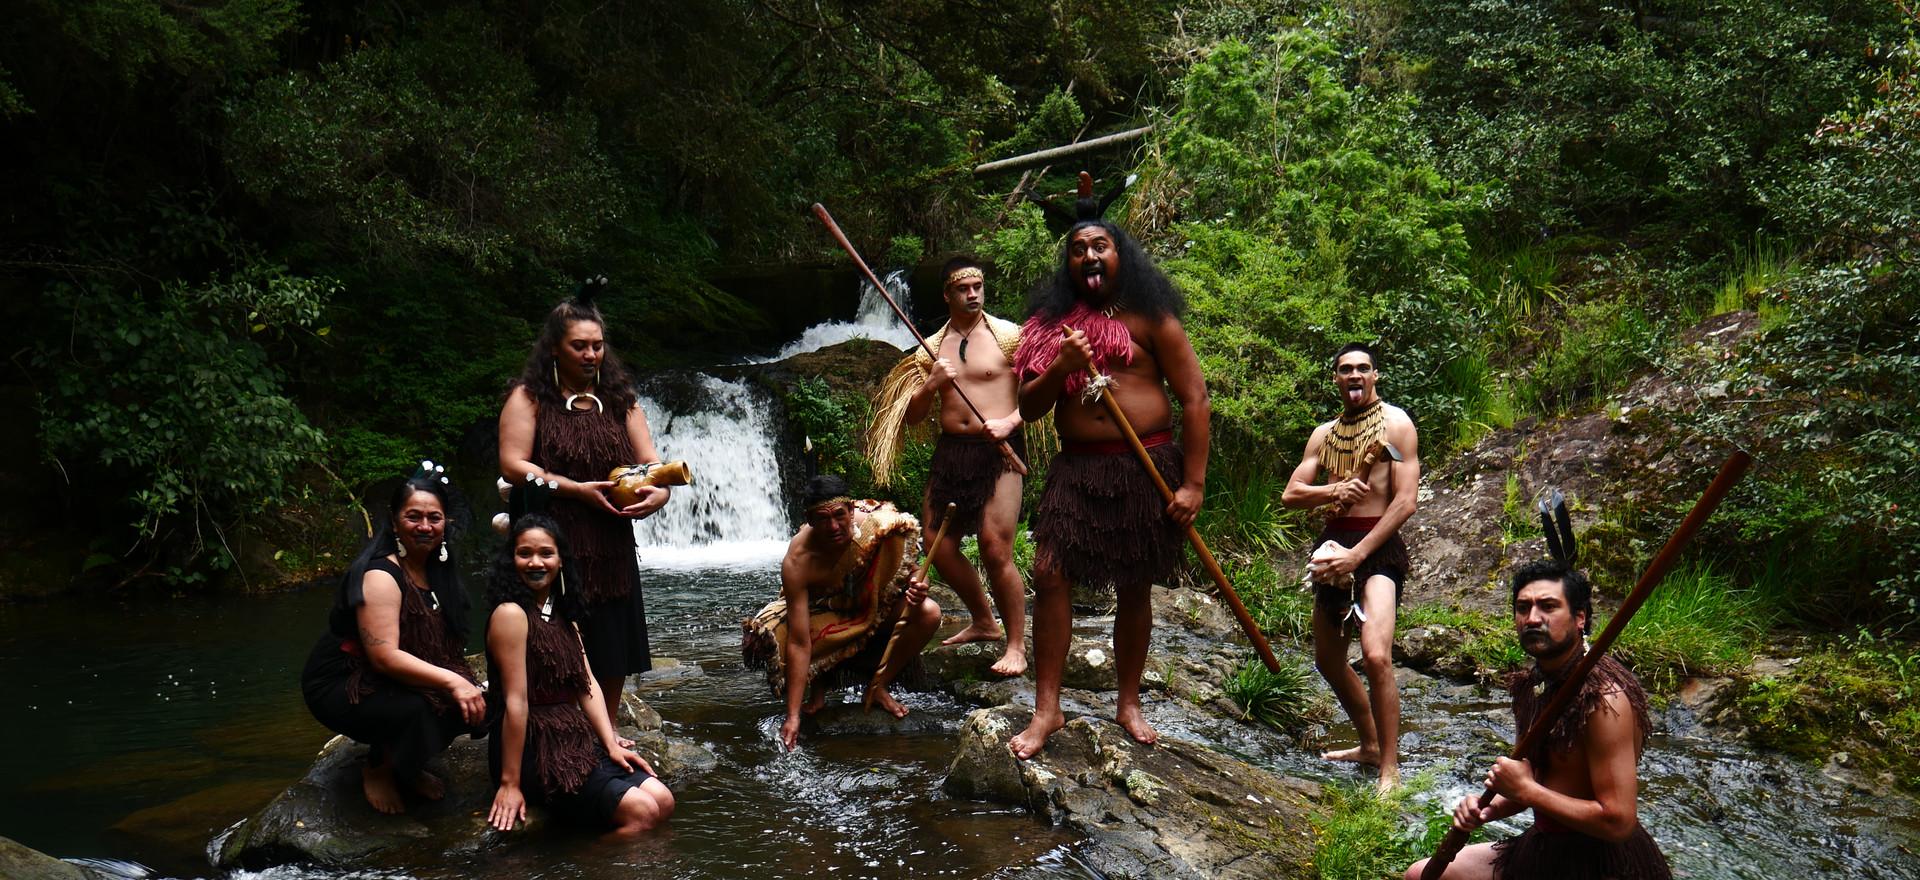 Nga Manu o Whangarei